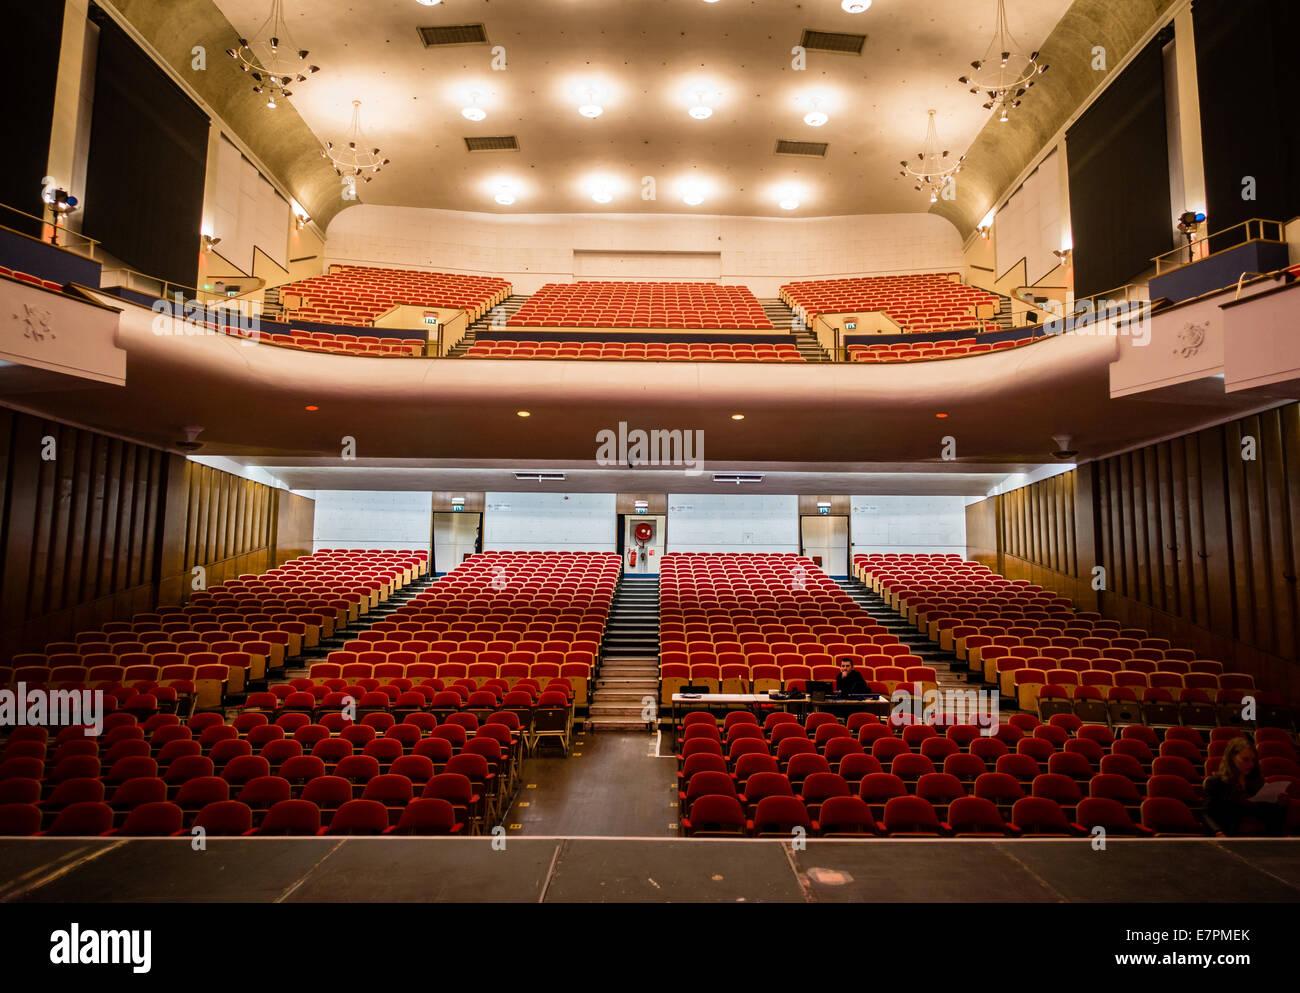 http://c8.alamy.com/compde/e7pmek/art-deco-interieur-der-colston-hall-bristol-uk-aus-der-performerinnen-buhnenansicht-e7pmek.jpg